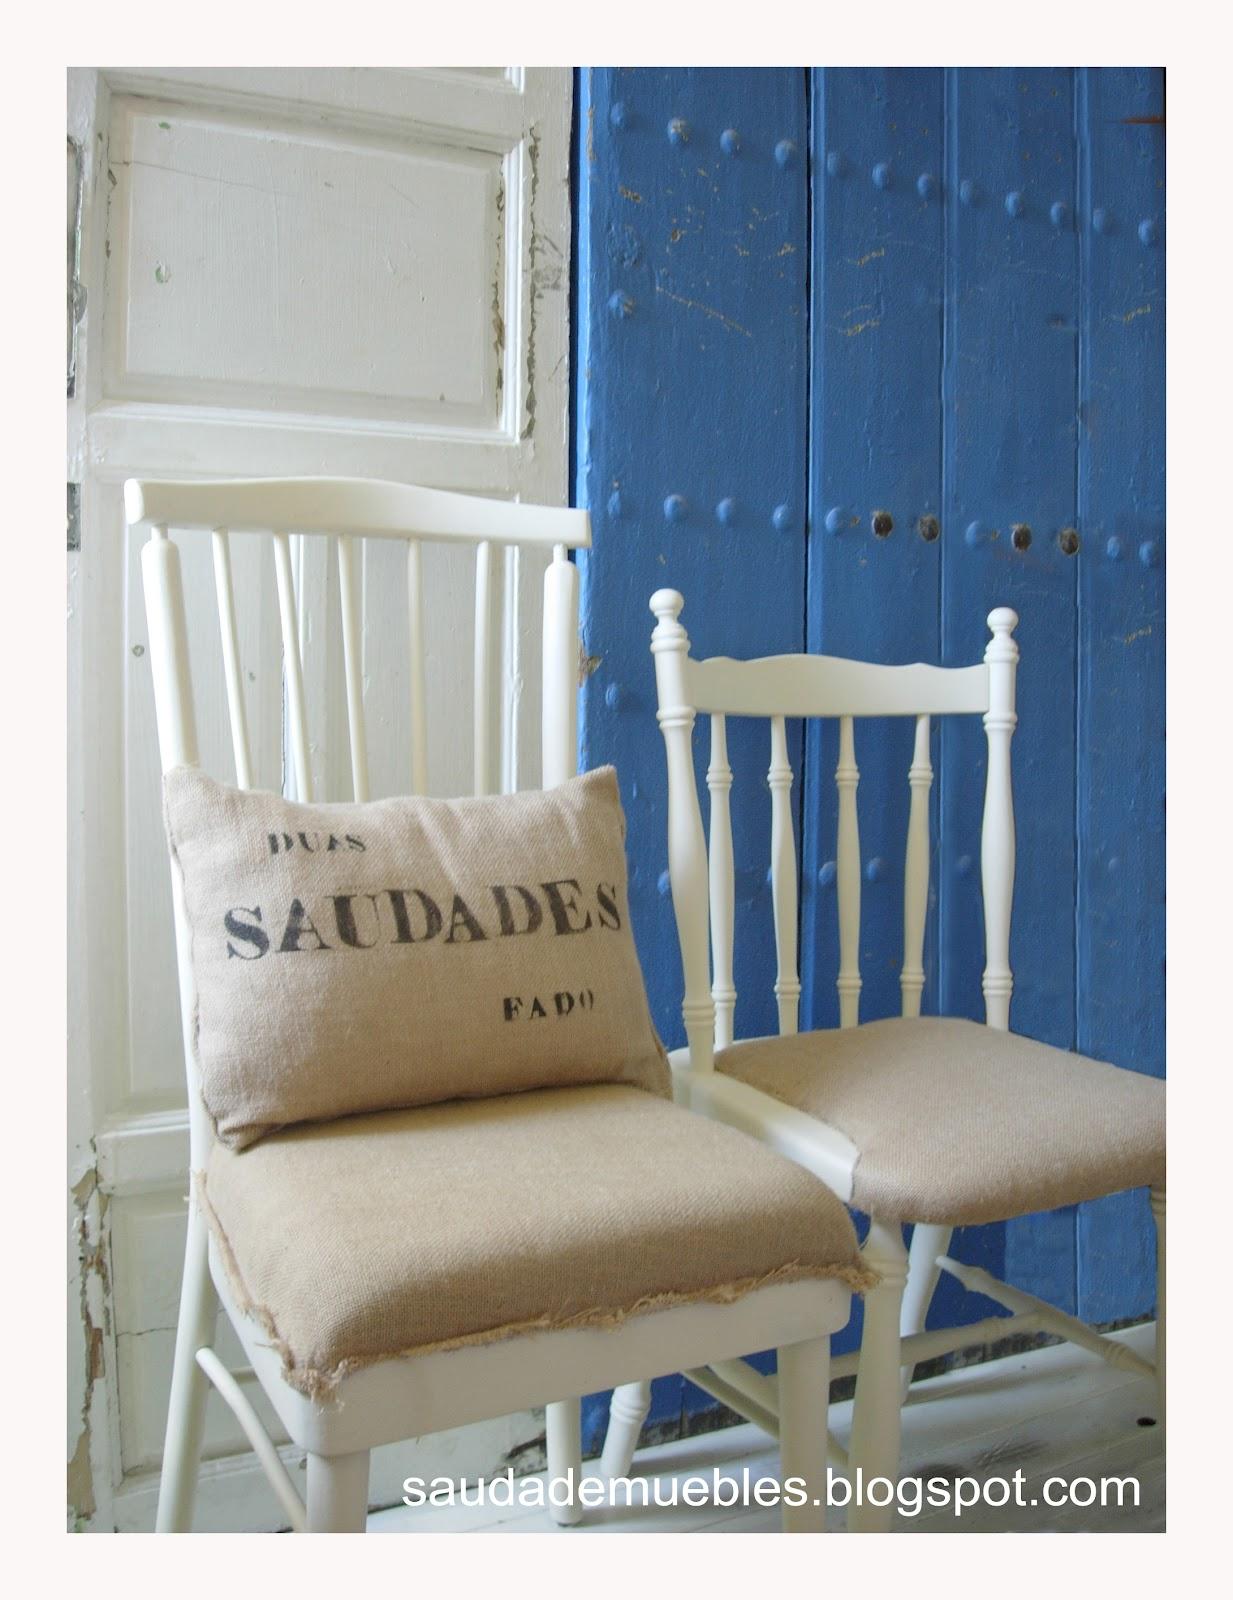 Saudade tapizar con tela de saco - Tela para tapizar sillas ...